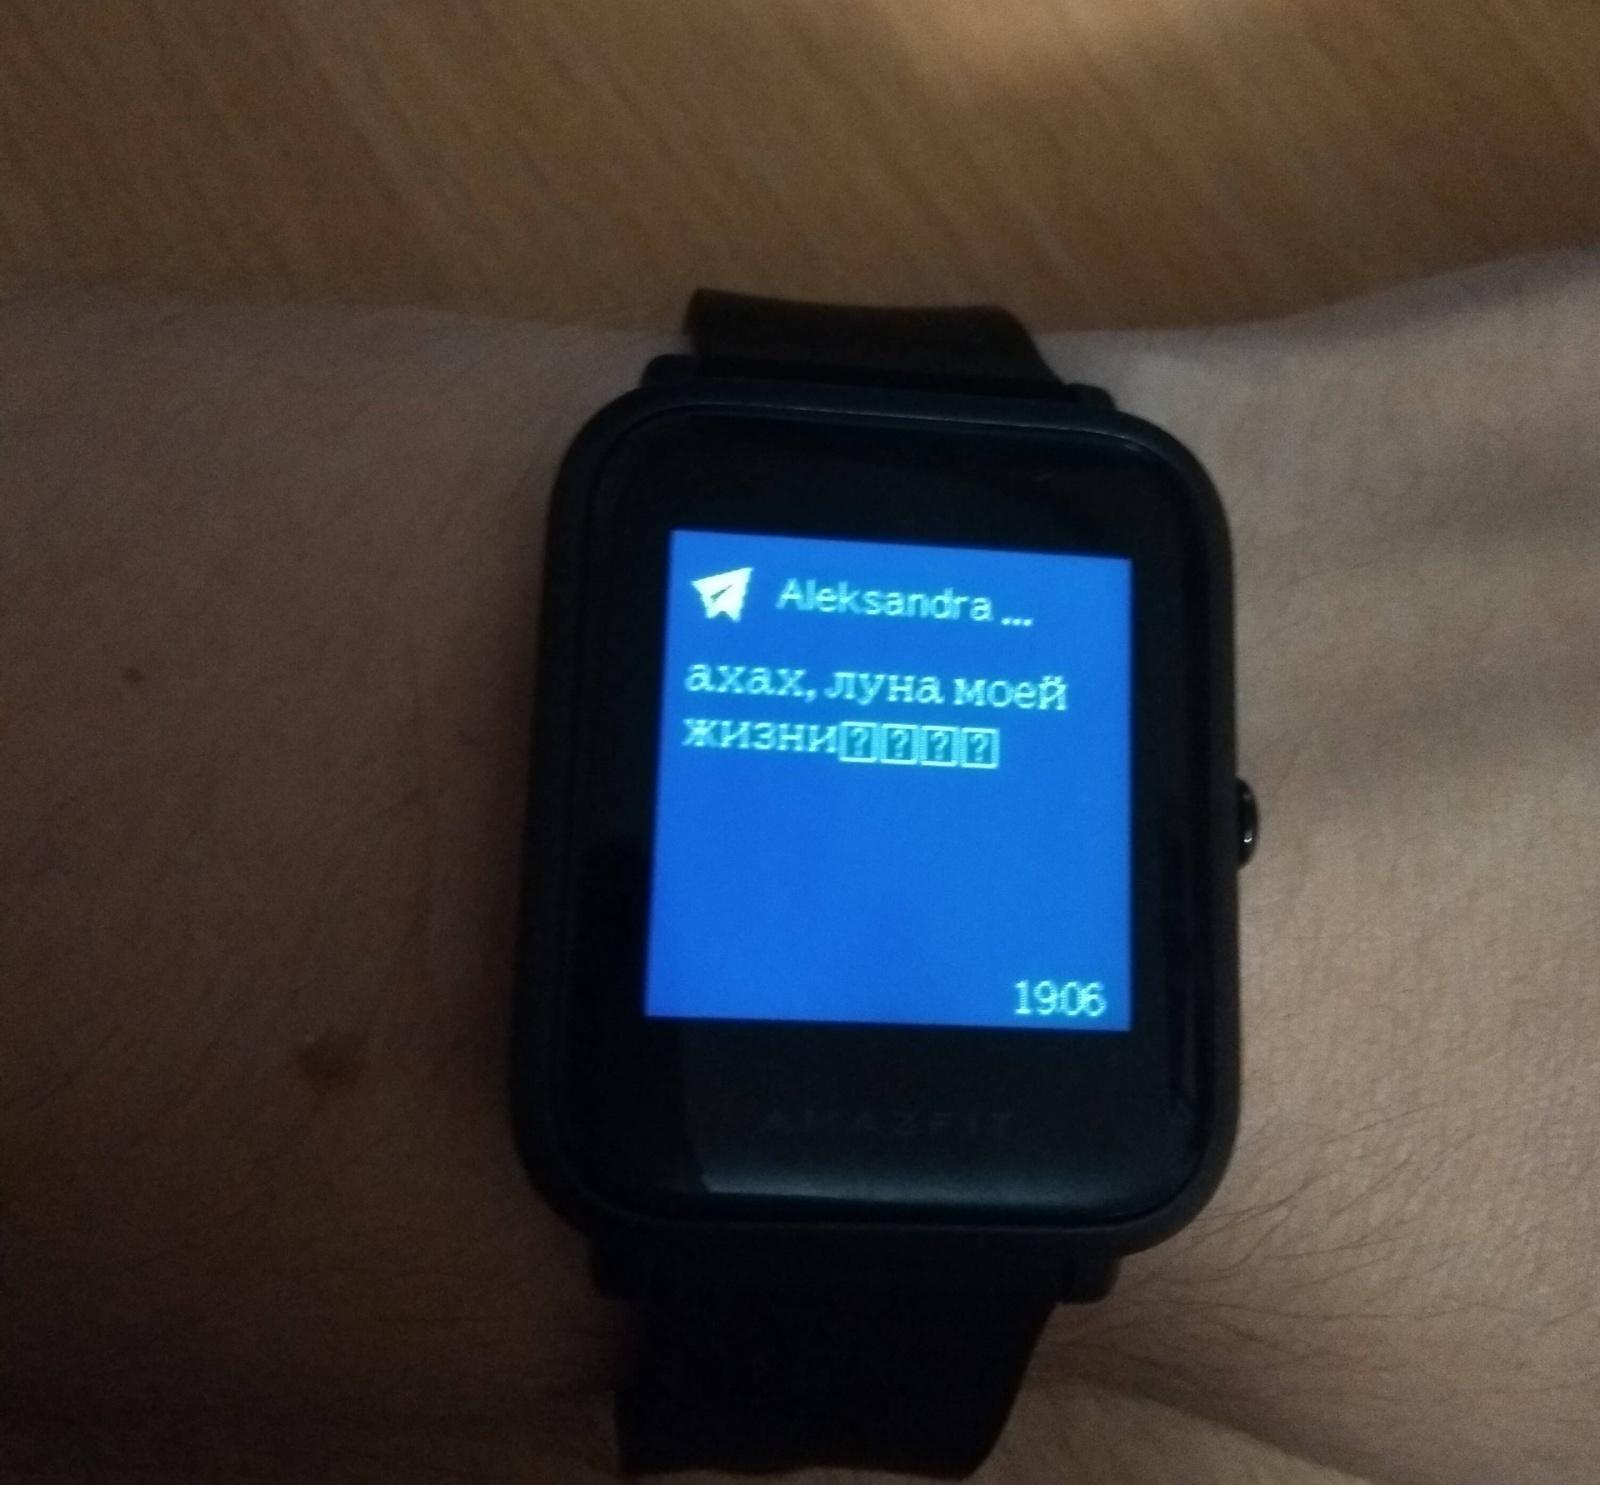 Обзор умных часов Amazfit Bip. Вероятный конкурент Pebble - 7